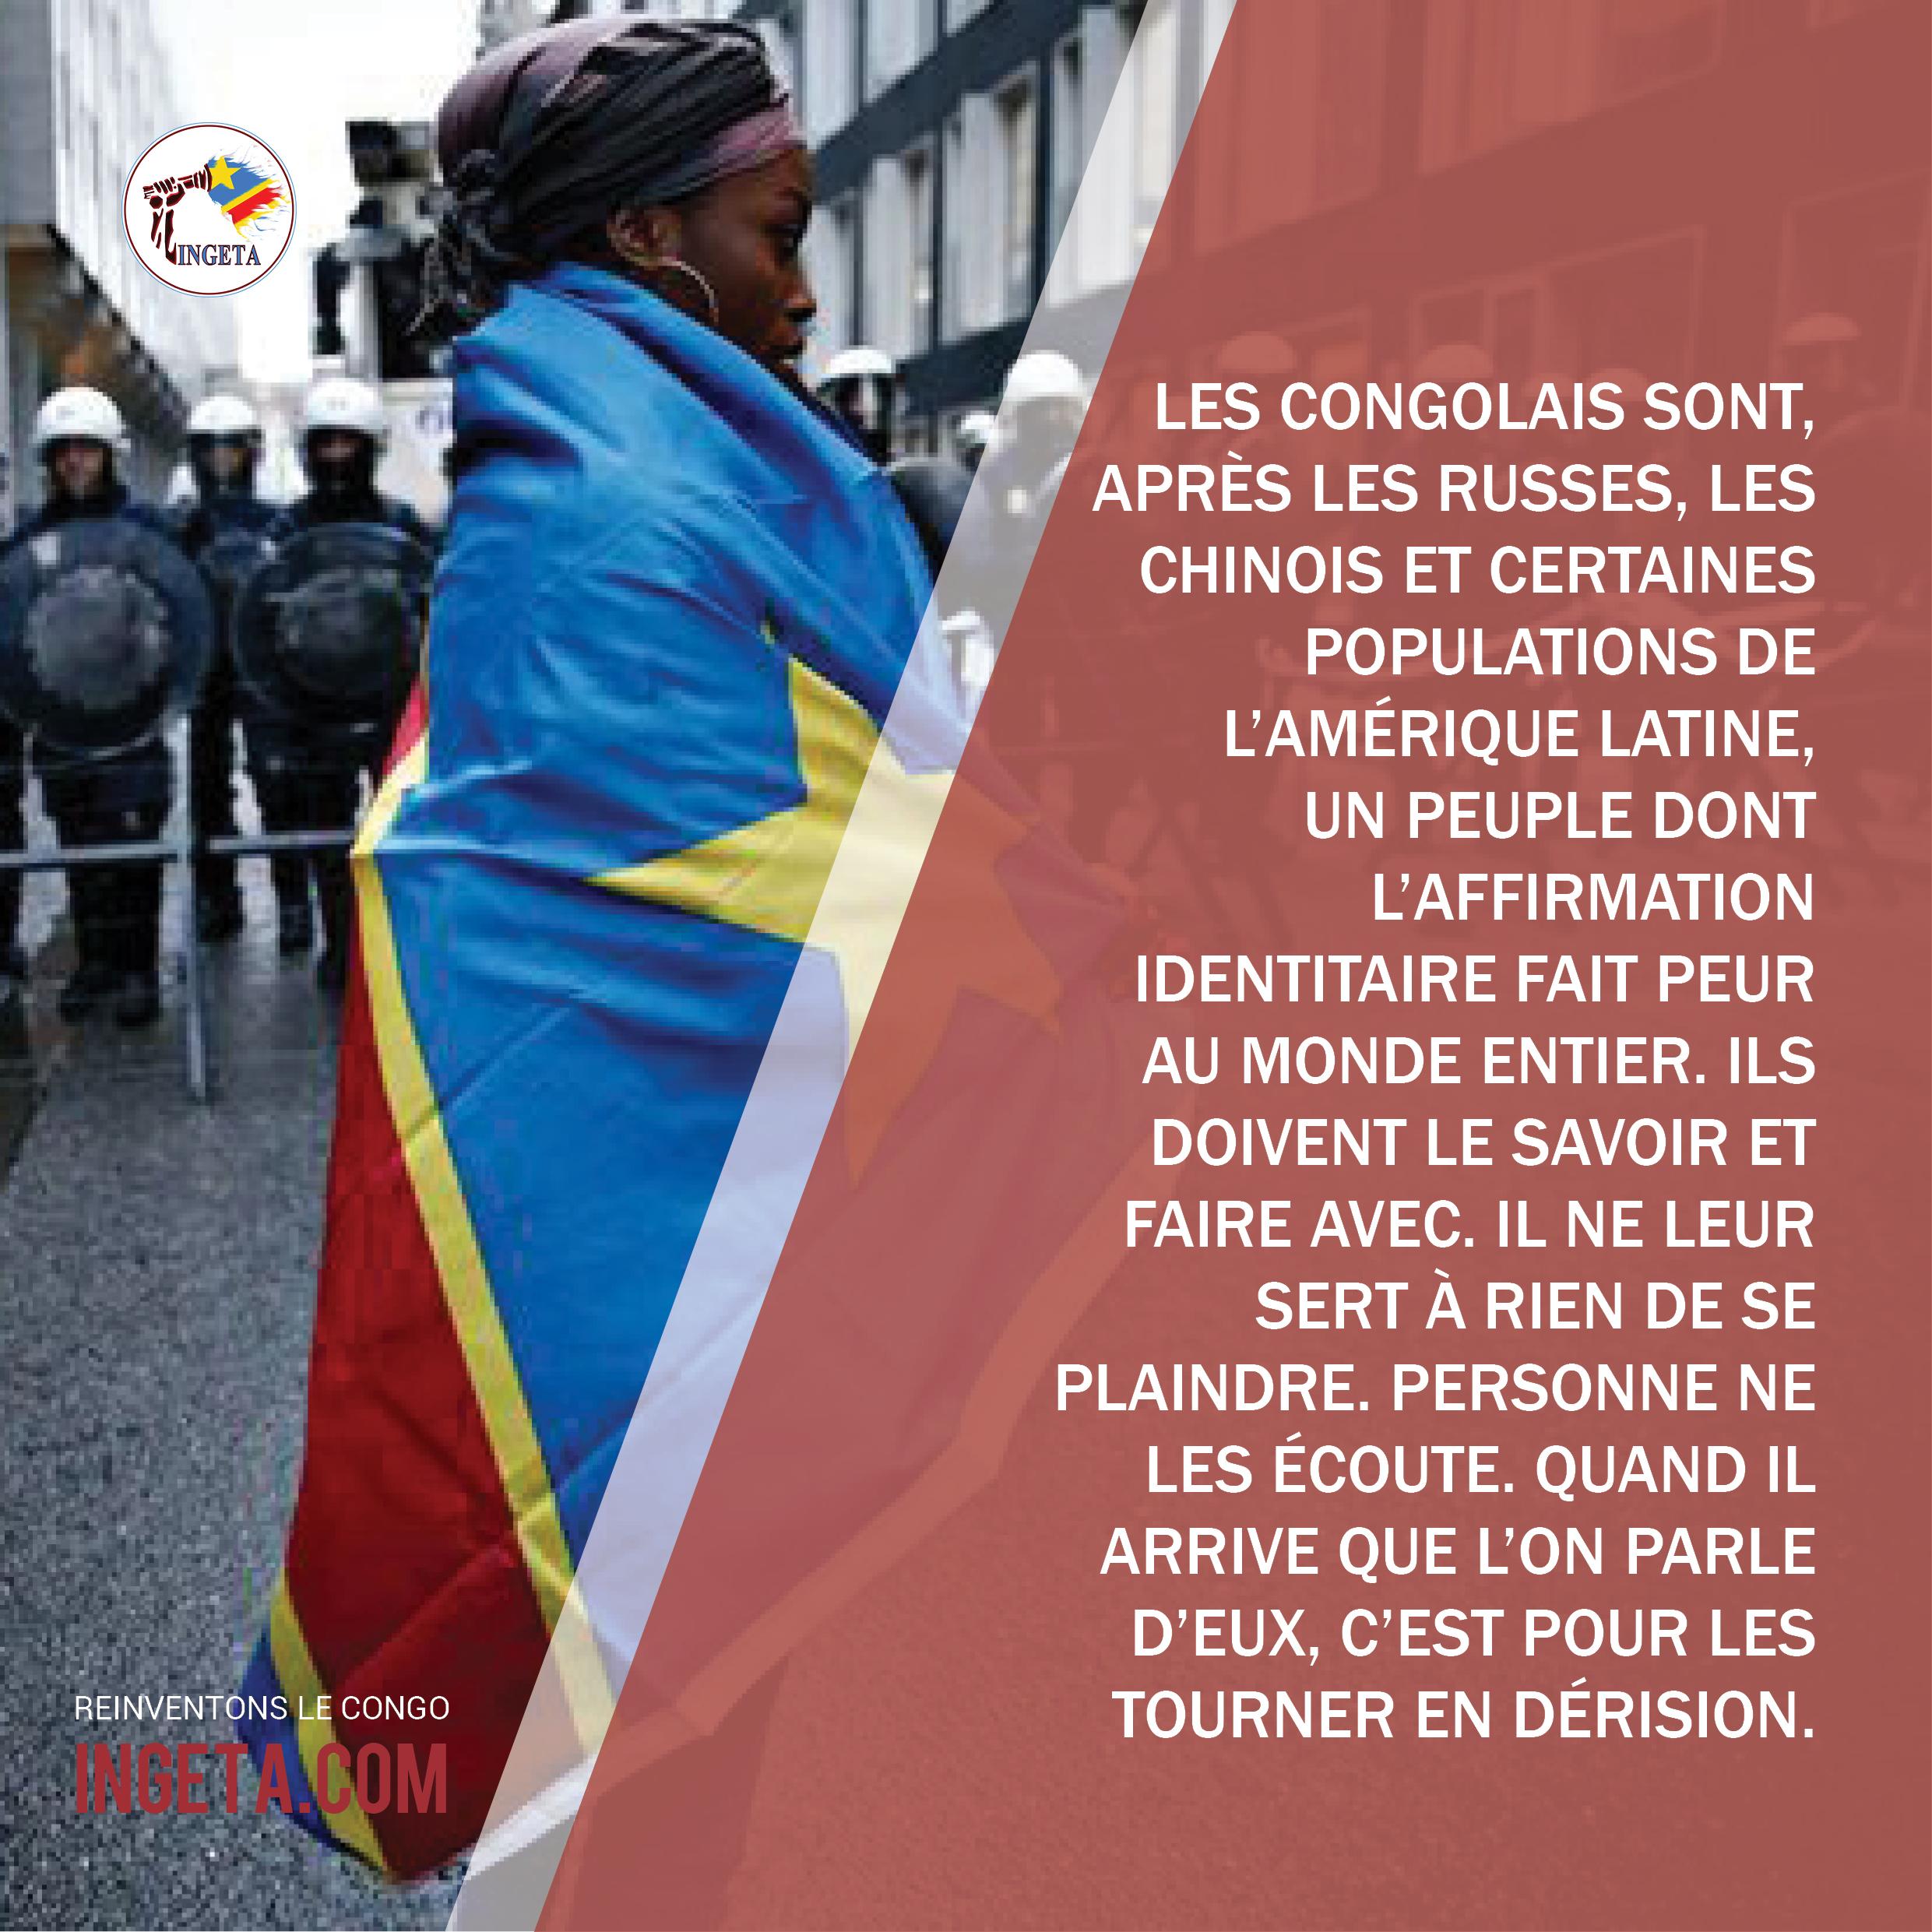 Idées + Réflexions (Pour mieux comprendre le Congo), part. 29